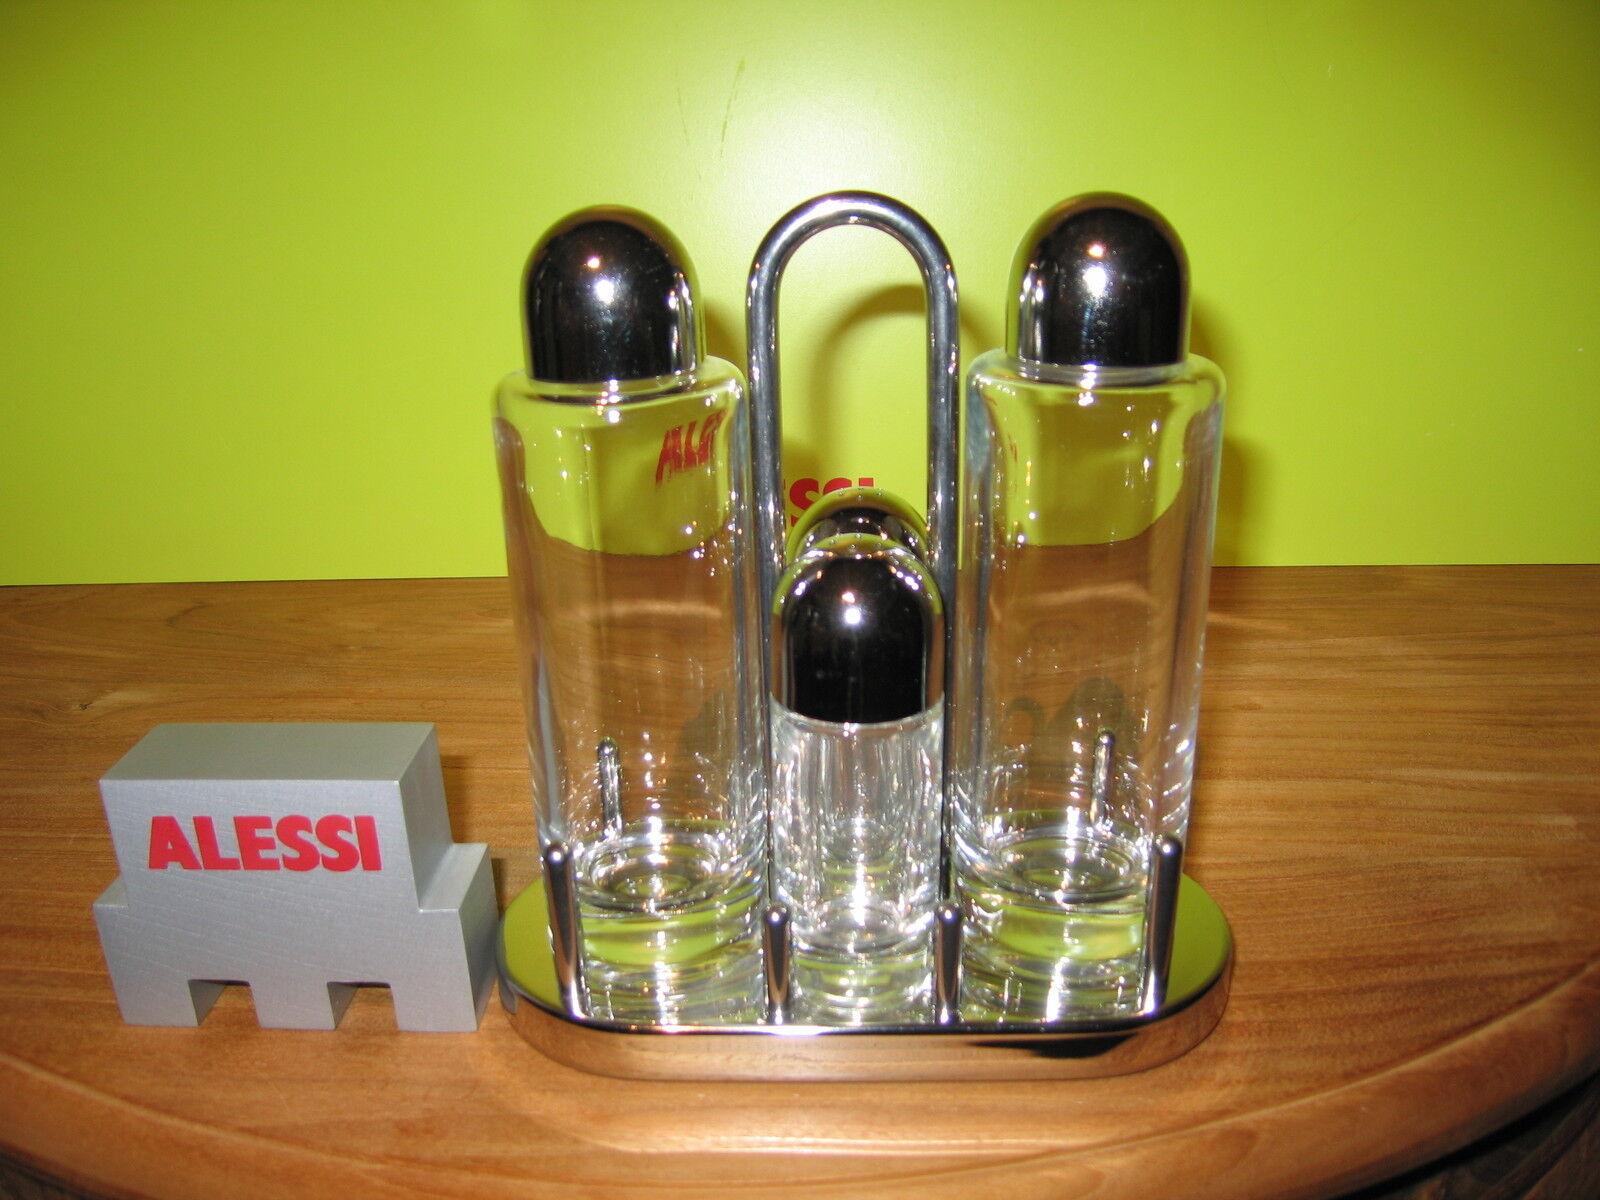 ALESSI NEW Service huile vinaigre sel poivre inox brillant 17,5x8cm 5070